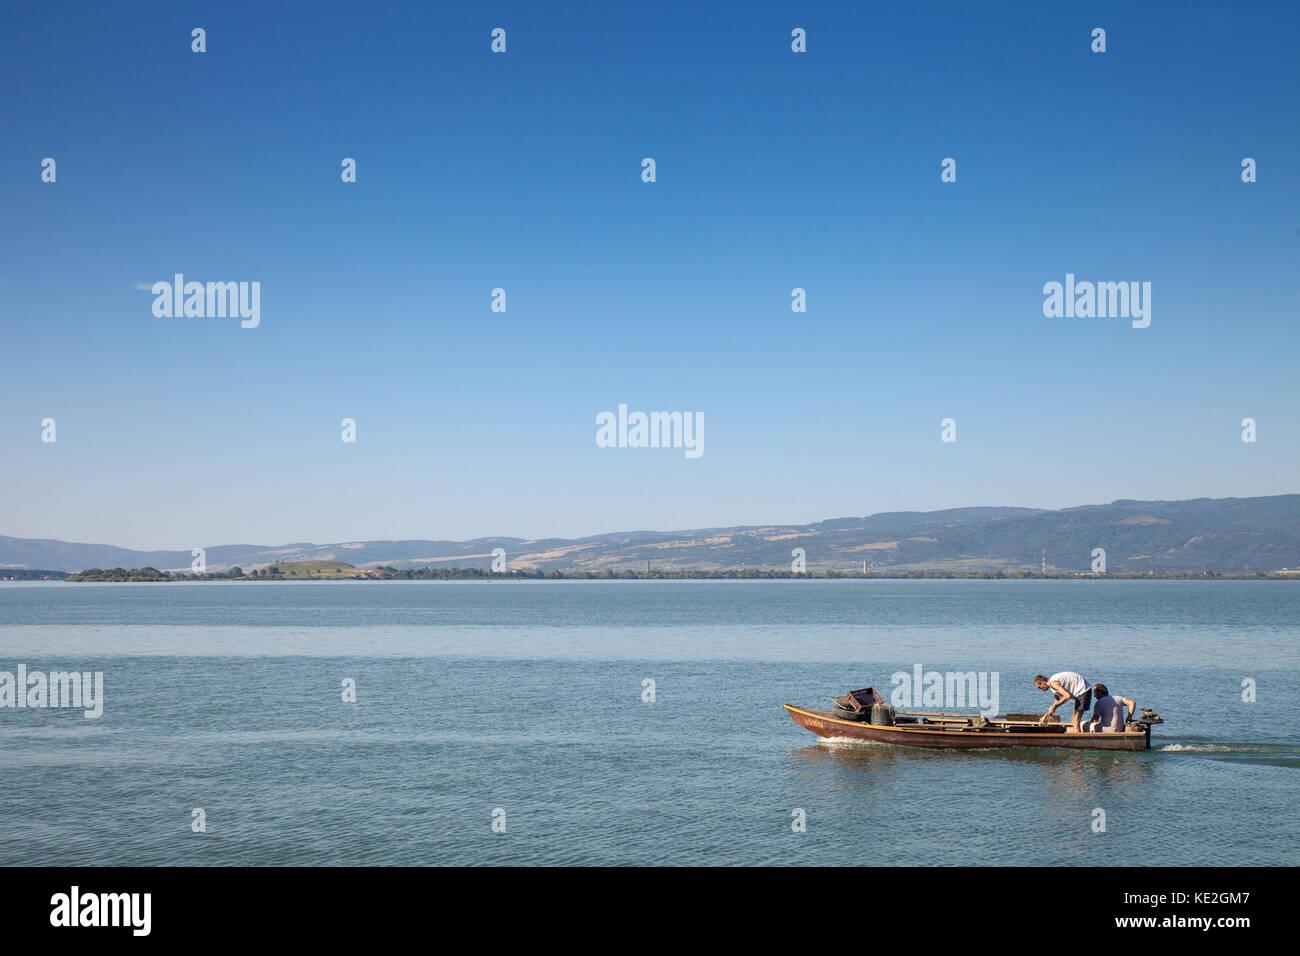 Beograd, Serbie - septembre 16, 2017: sur un bateau de pêche Les pêcheurs près de Gornji Milanovac Photo Stock